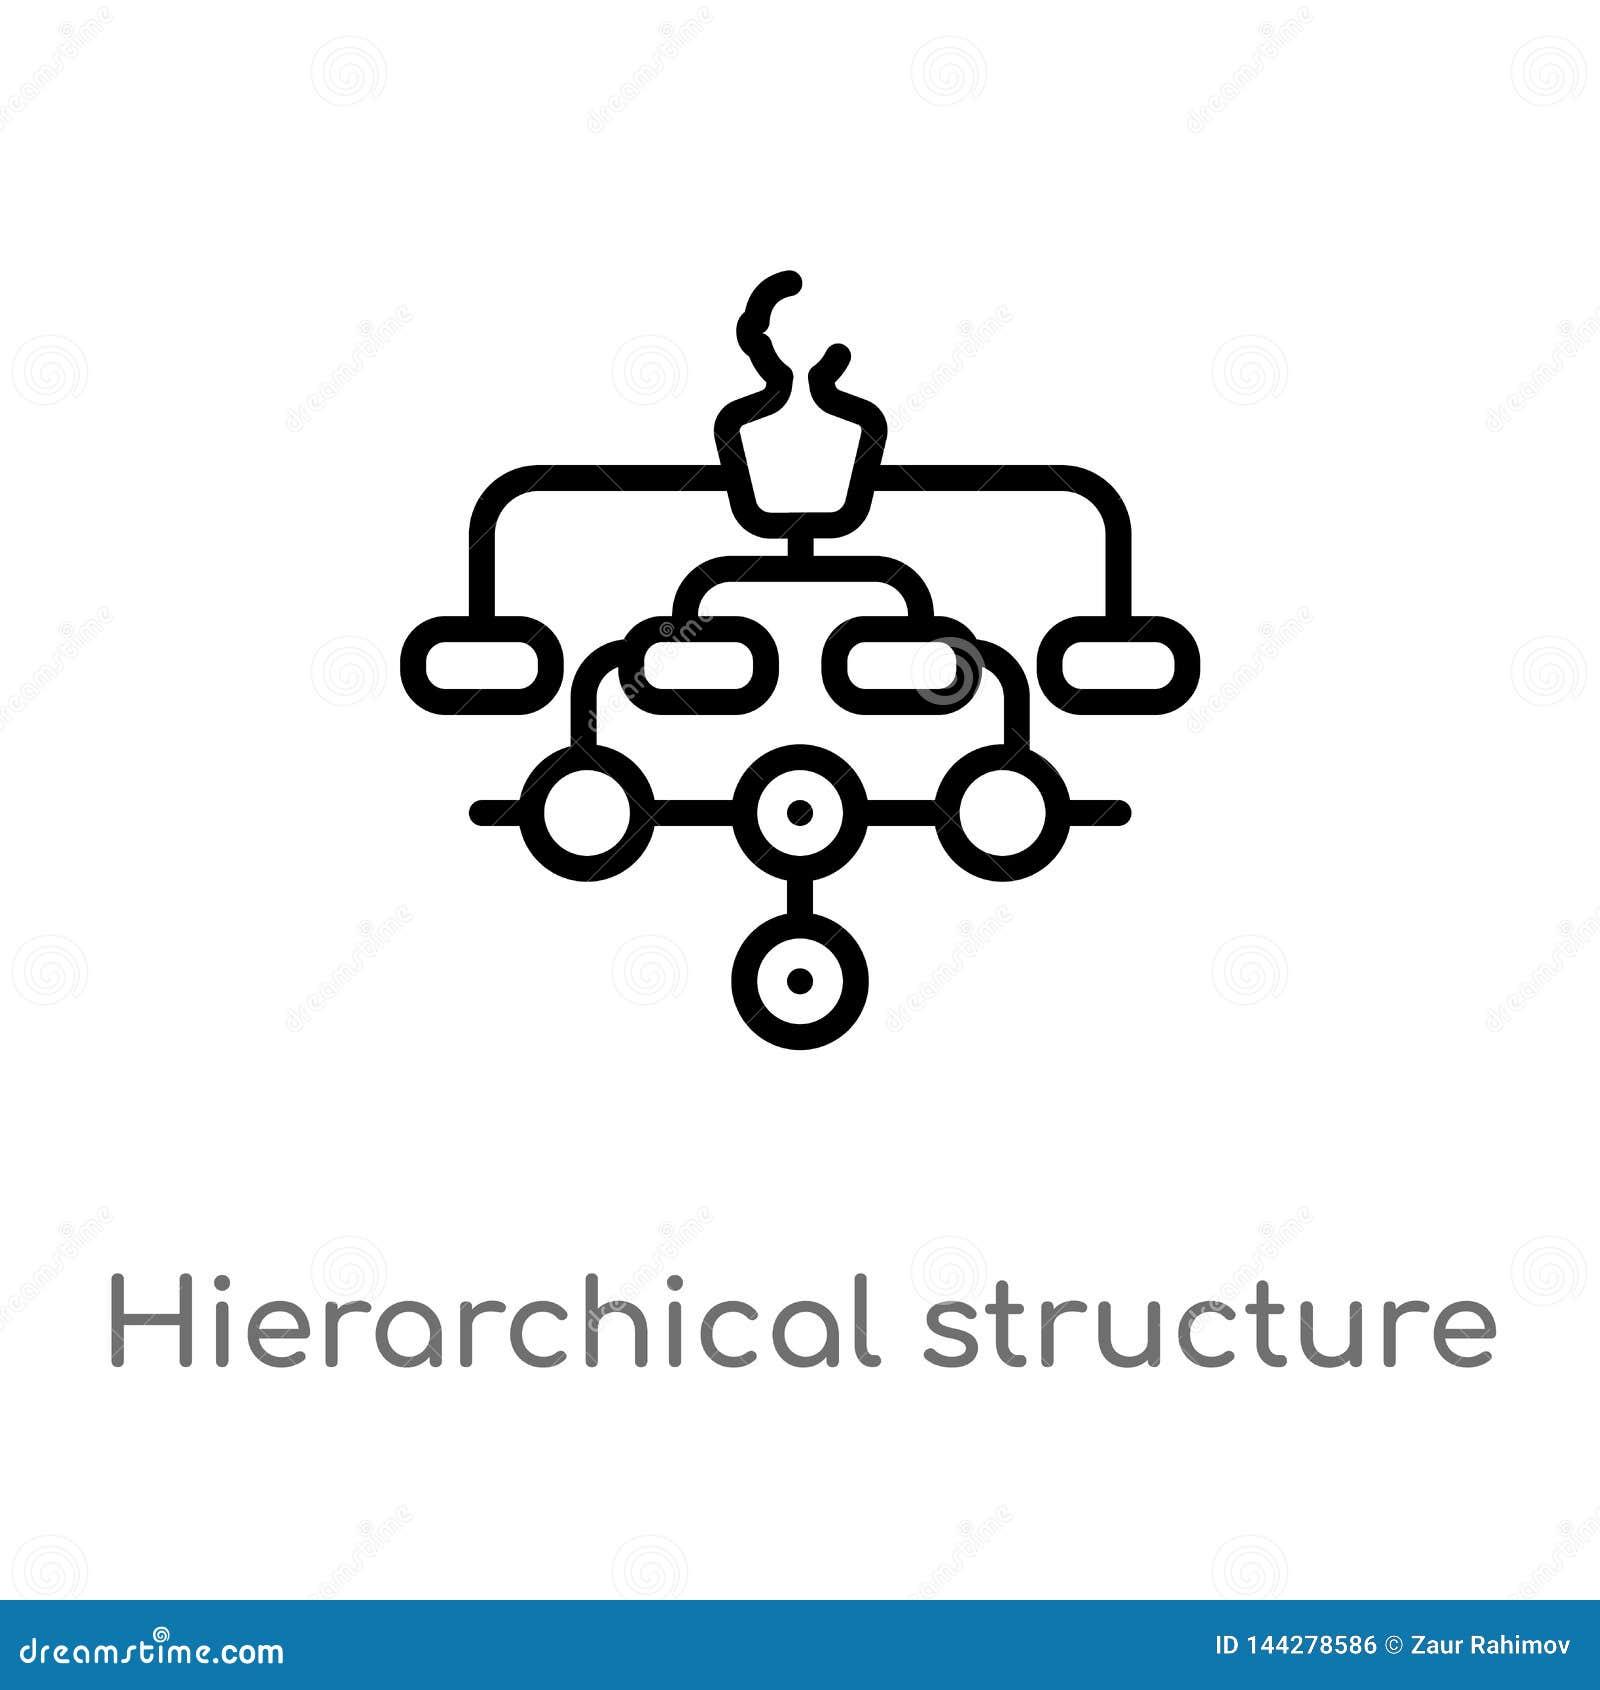 Kontur hierarchical struktury wektoru ikona odosobniona czarna prosta kreskowego elementu ilustracja od cyfrowego gospodarki poj?